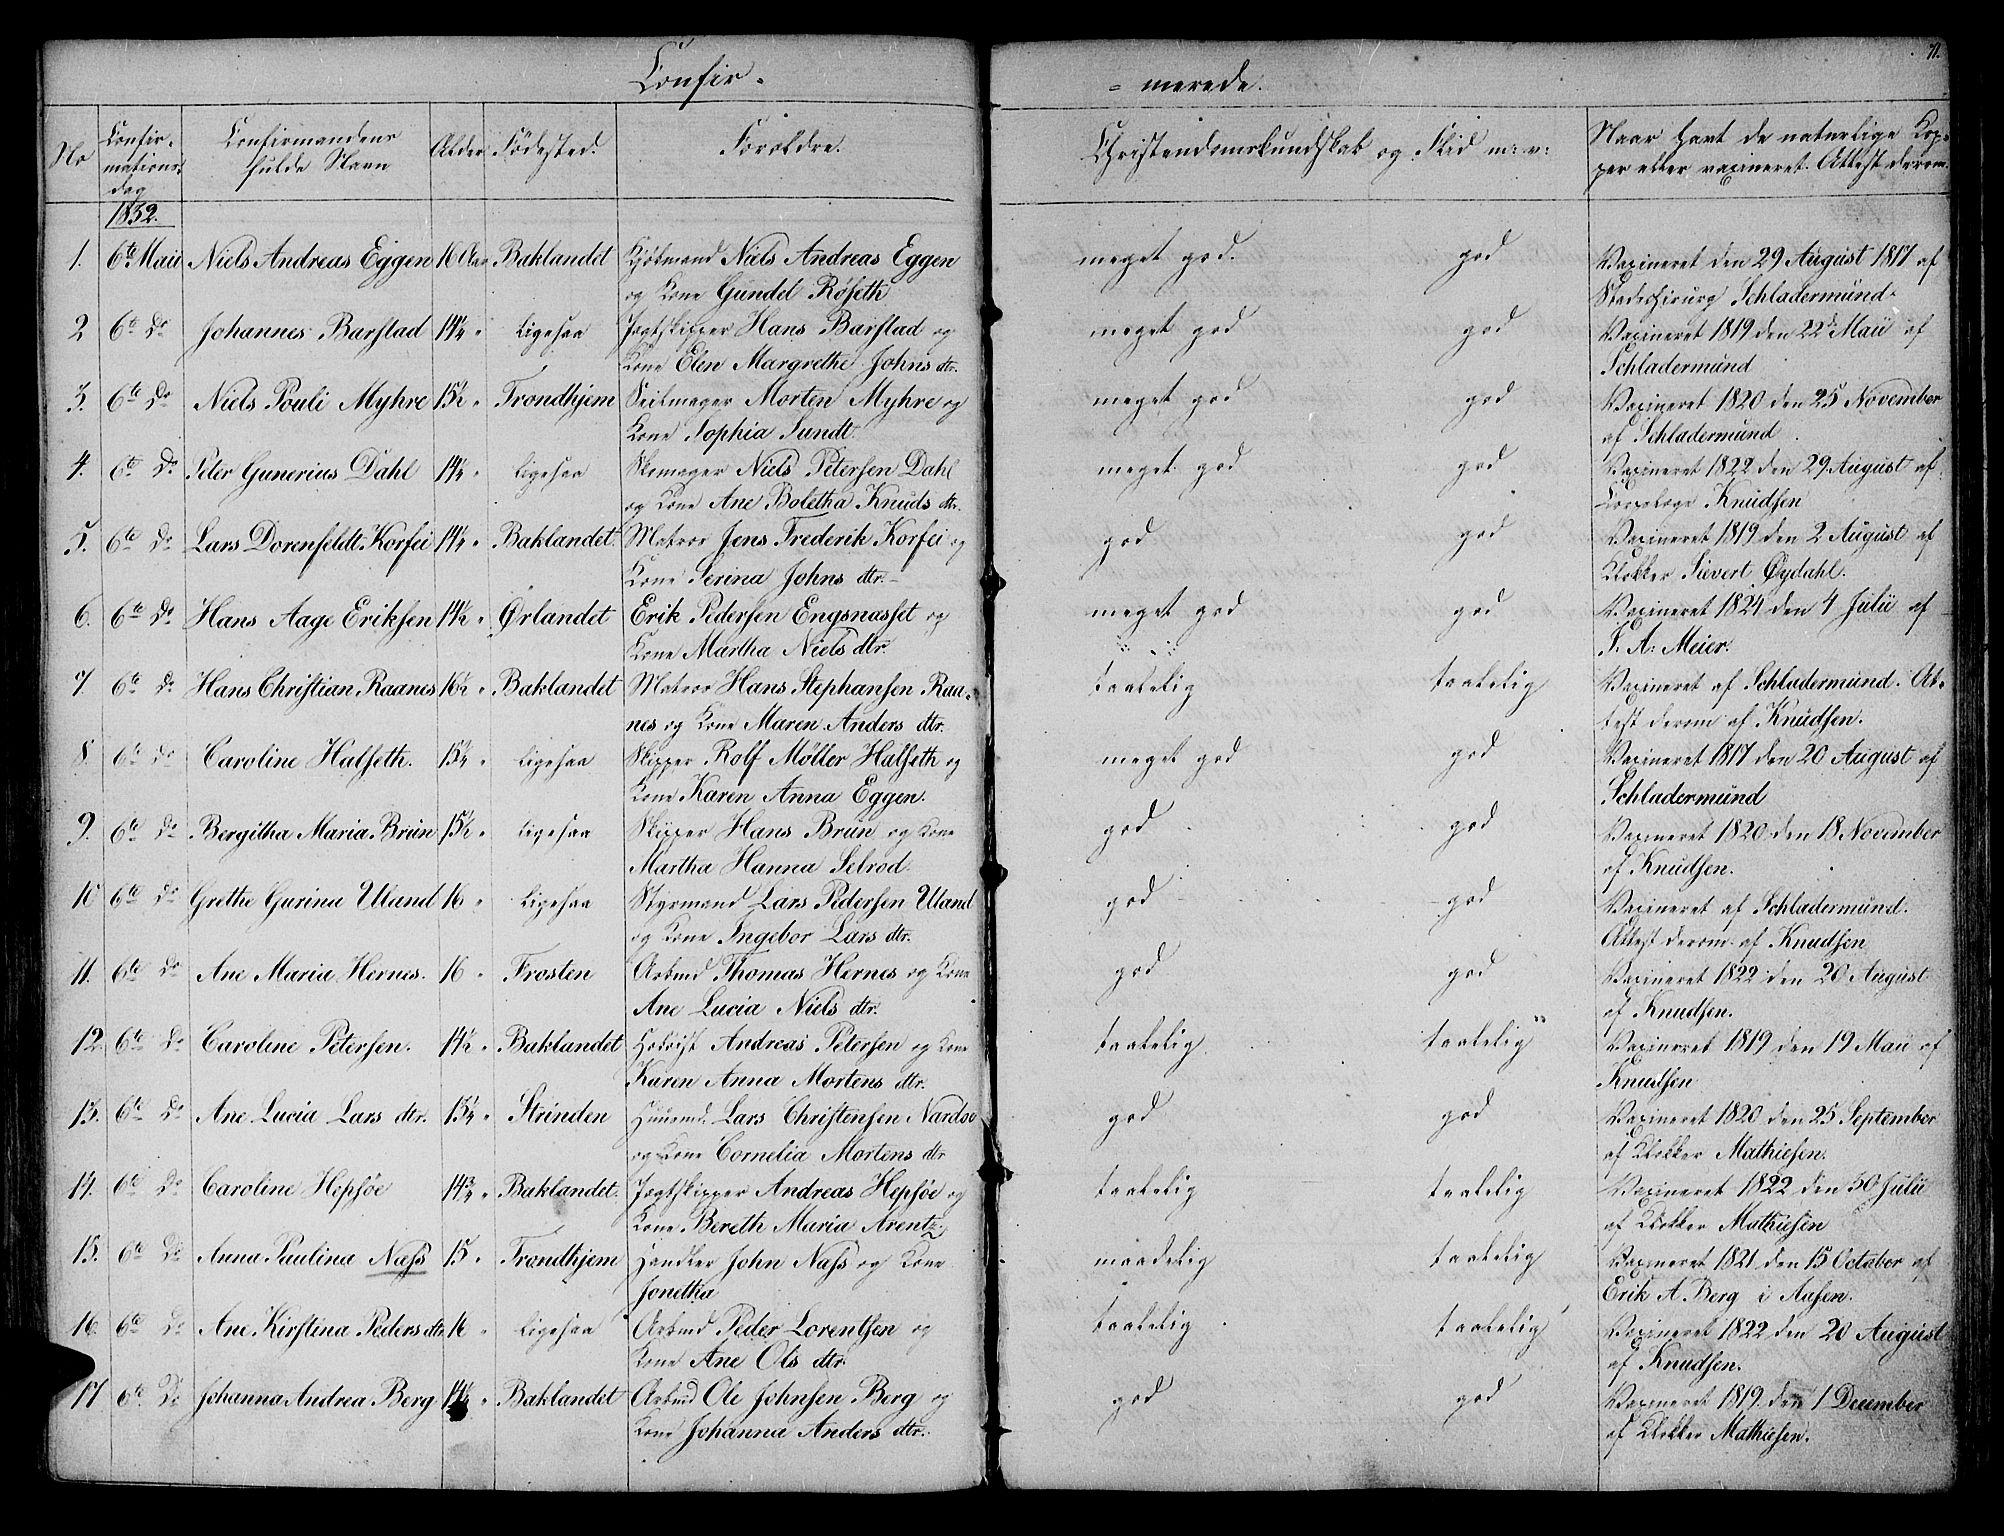 SAT, Ministerialprotokoller, klokkerbøker og fødselsregistre - Sør-Trøndelag, 604/L0182: Ministerialbok nr. 604A03, 1818-1850, s. 71